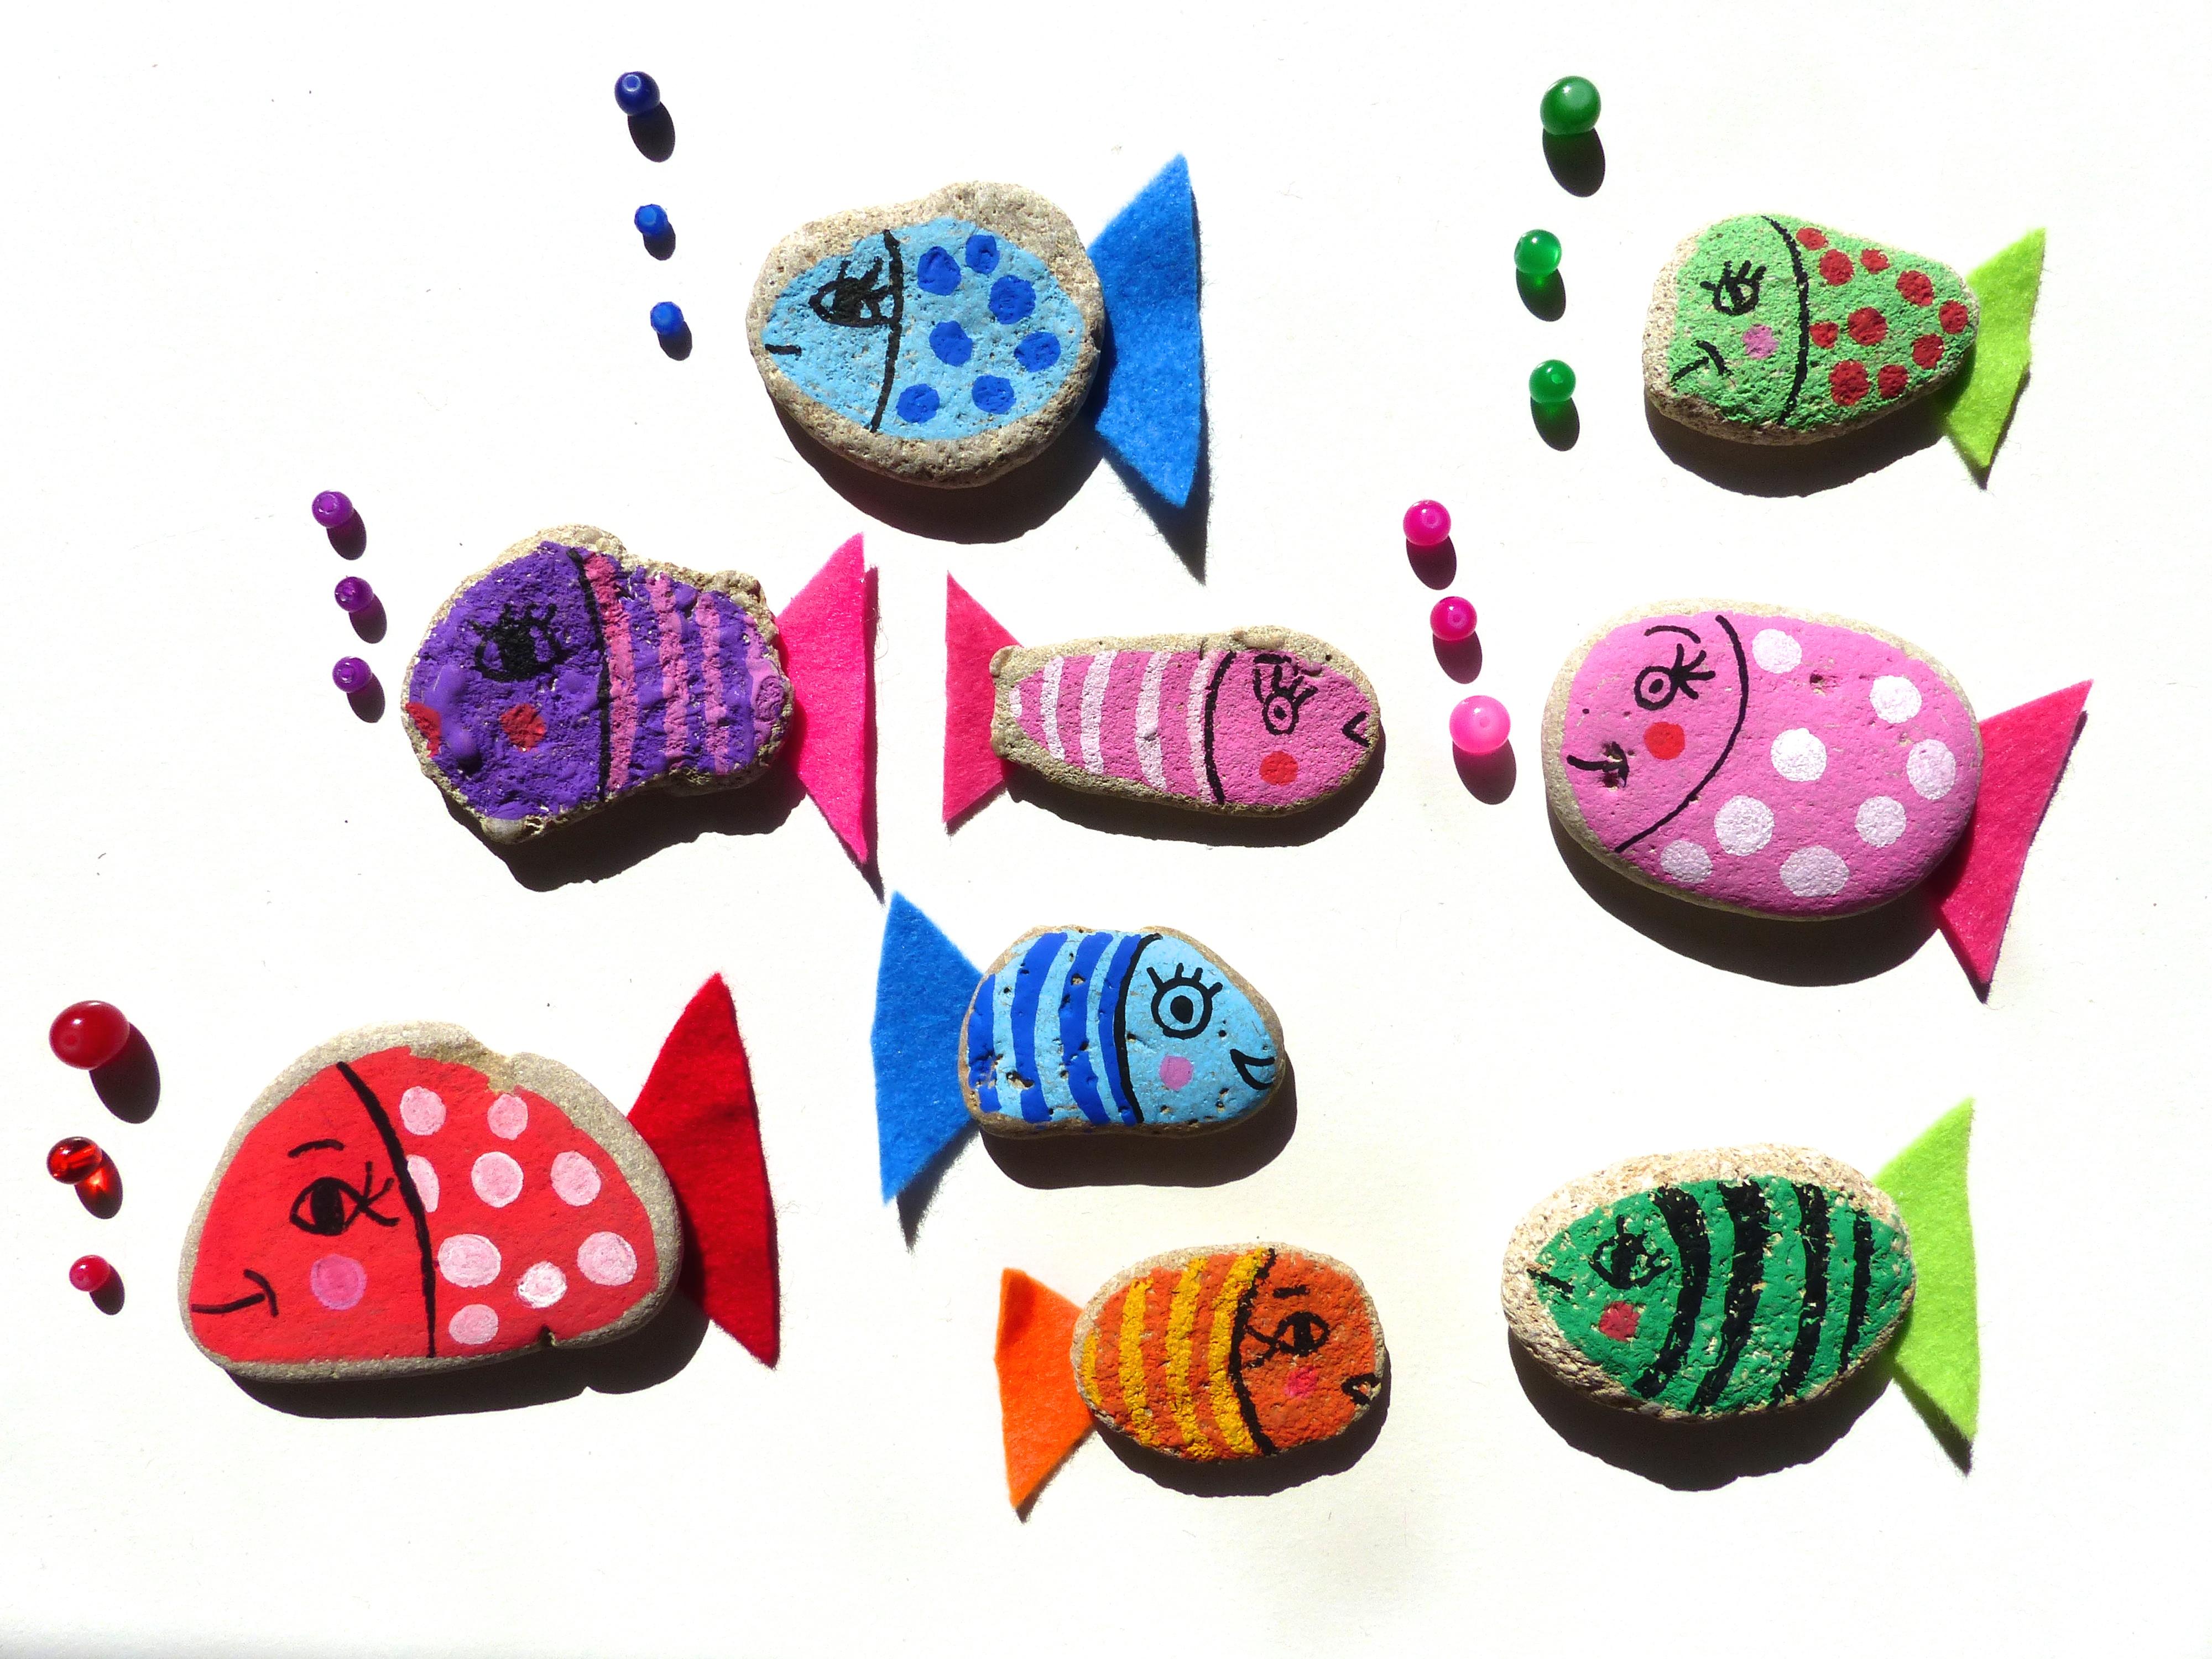 Quelle Colle Utiliser Pour Les Galets les galets peints : les petits poissons / diy pour enfant